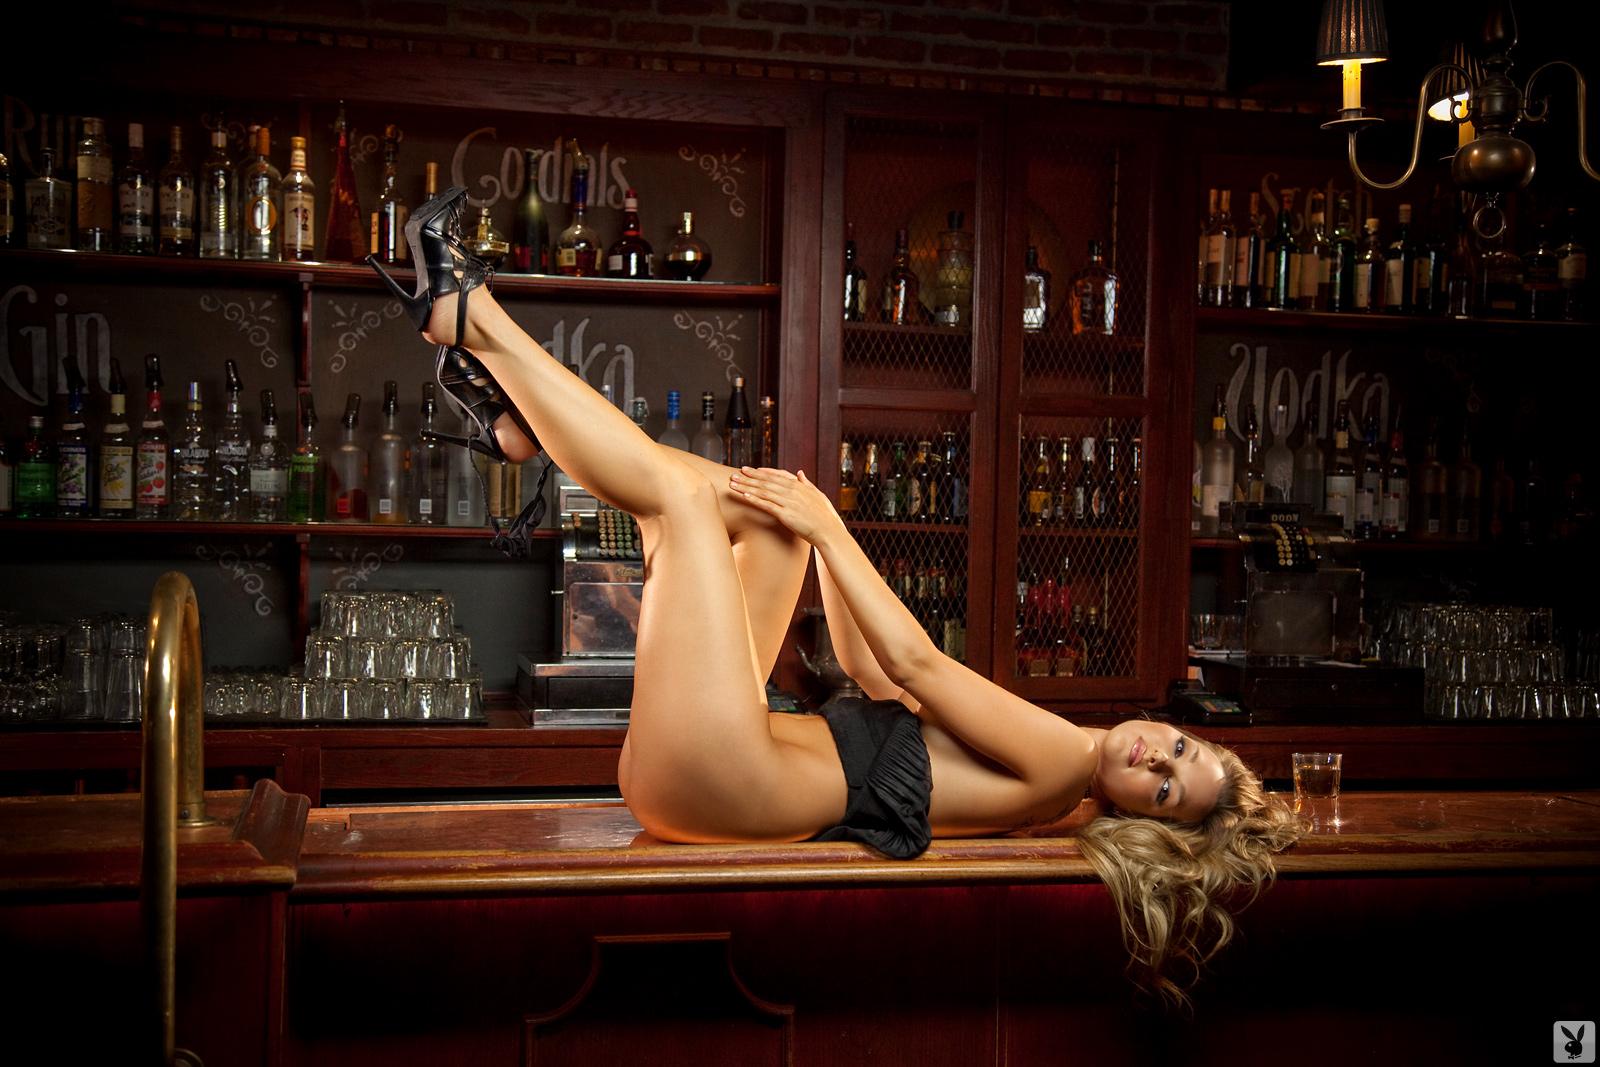 Пьяные голые в барах фото 12 фотография